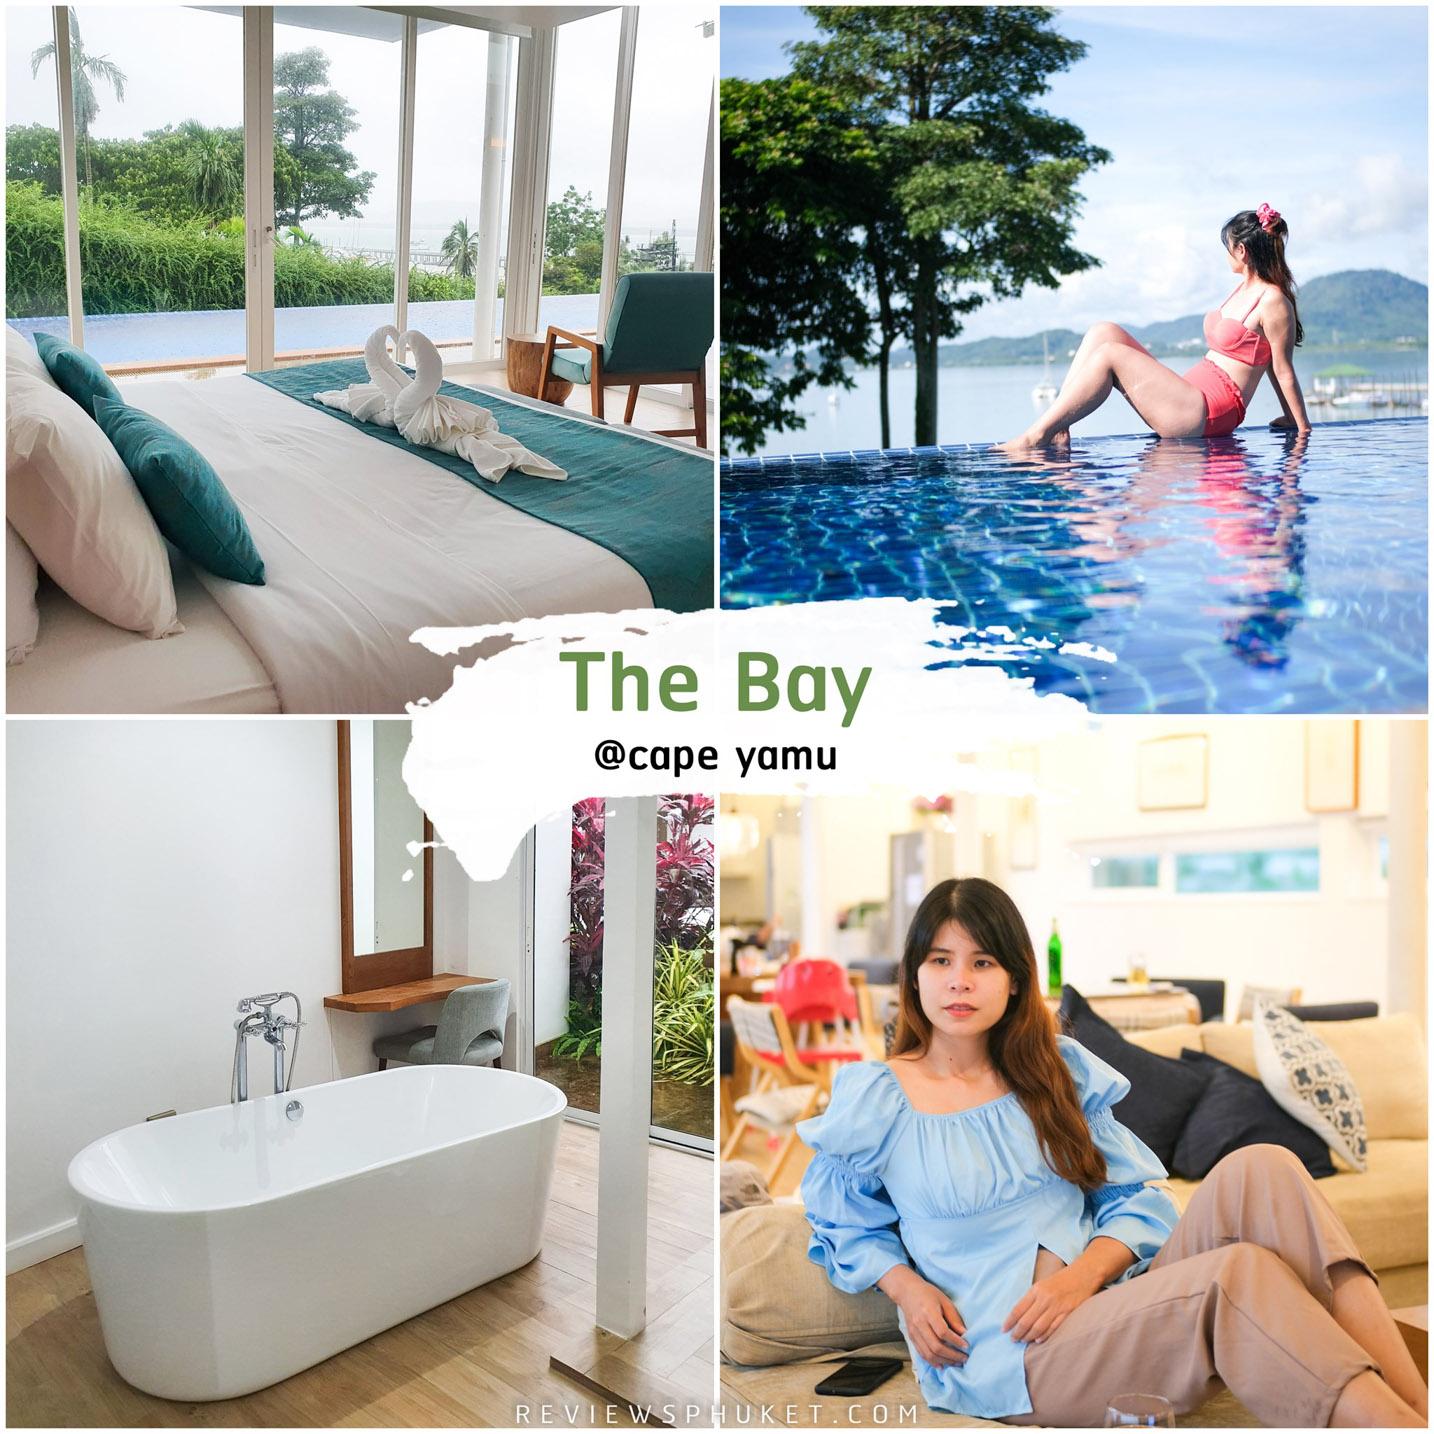 The-Bay-@-Cape-Yamu -ที่พักสุดสวยวิวทะเล-มีอ่างอาบน้ำฟินๆ-ห้องพักตกแต่งสไตล์โทนขาวปนสีฟ้า-จุดนี้เงียบสงบเหมาะแก่การพักผ่อนมาก-ช่วงเย็นแสงสวยย-บอกเลยว่าฟินน ที่พักภูเก็ต,ที่พักหรู,วิวหลักล้าน,ริมทะเล,โรงแรม,รีสอร์ท,Phuket,หาดสวย,น้ำใส